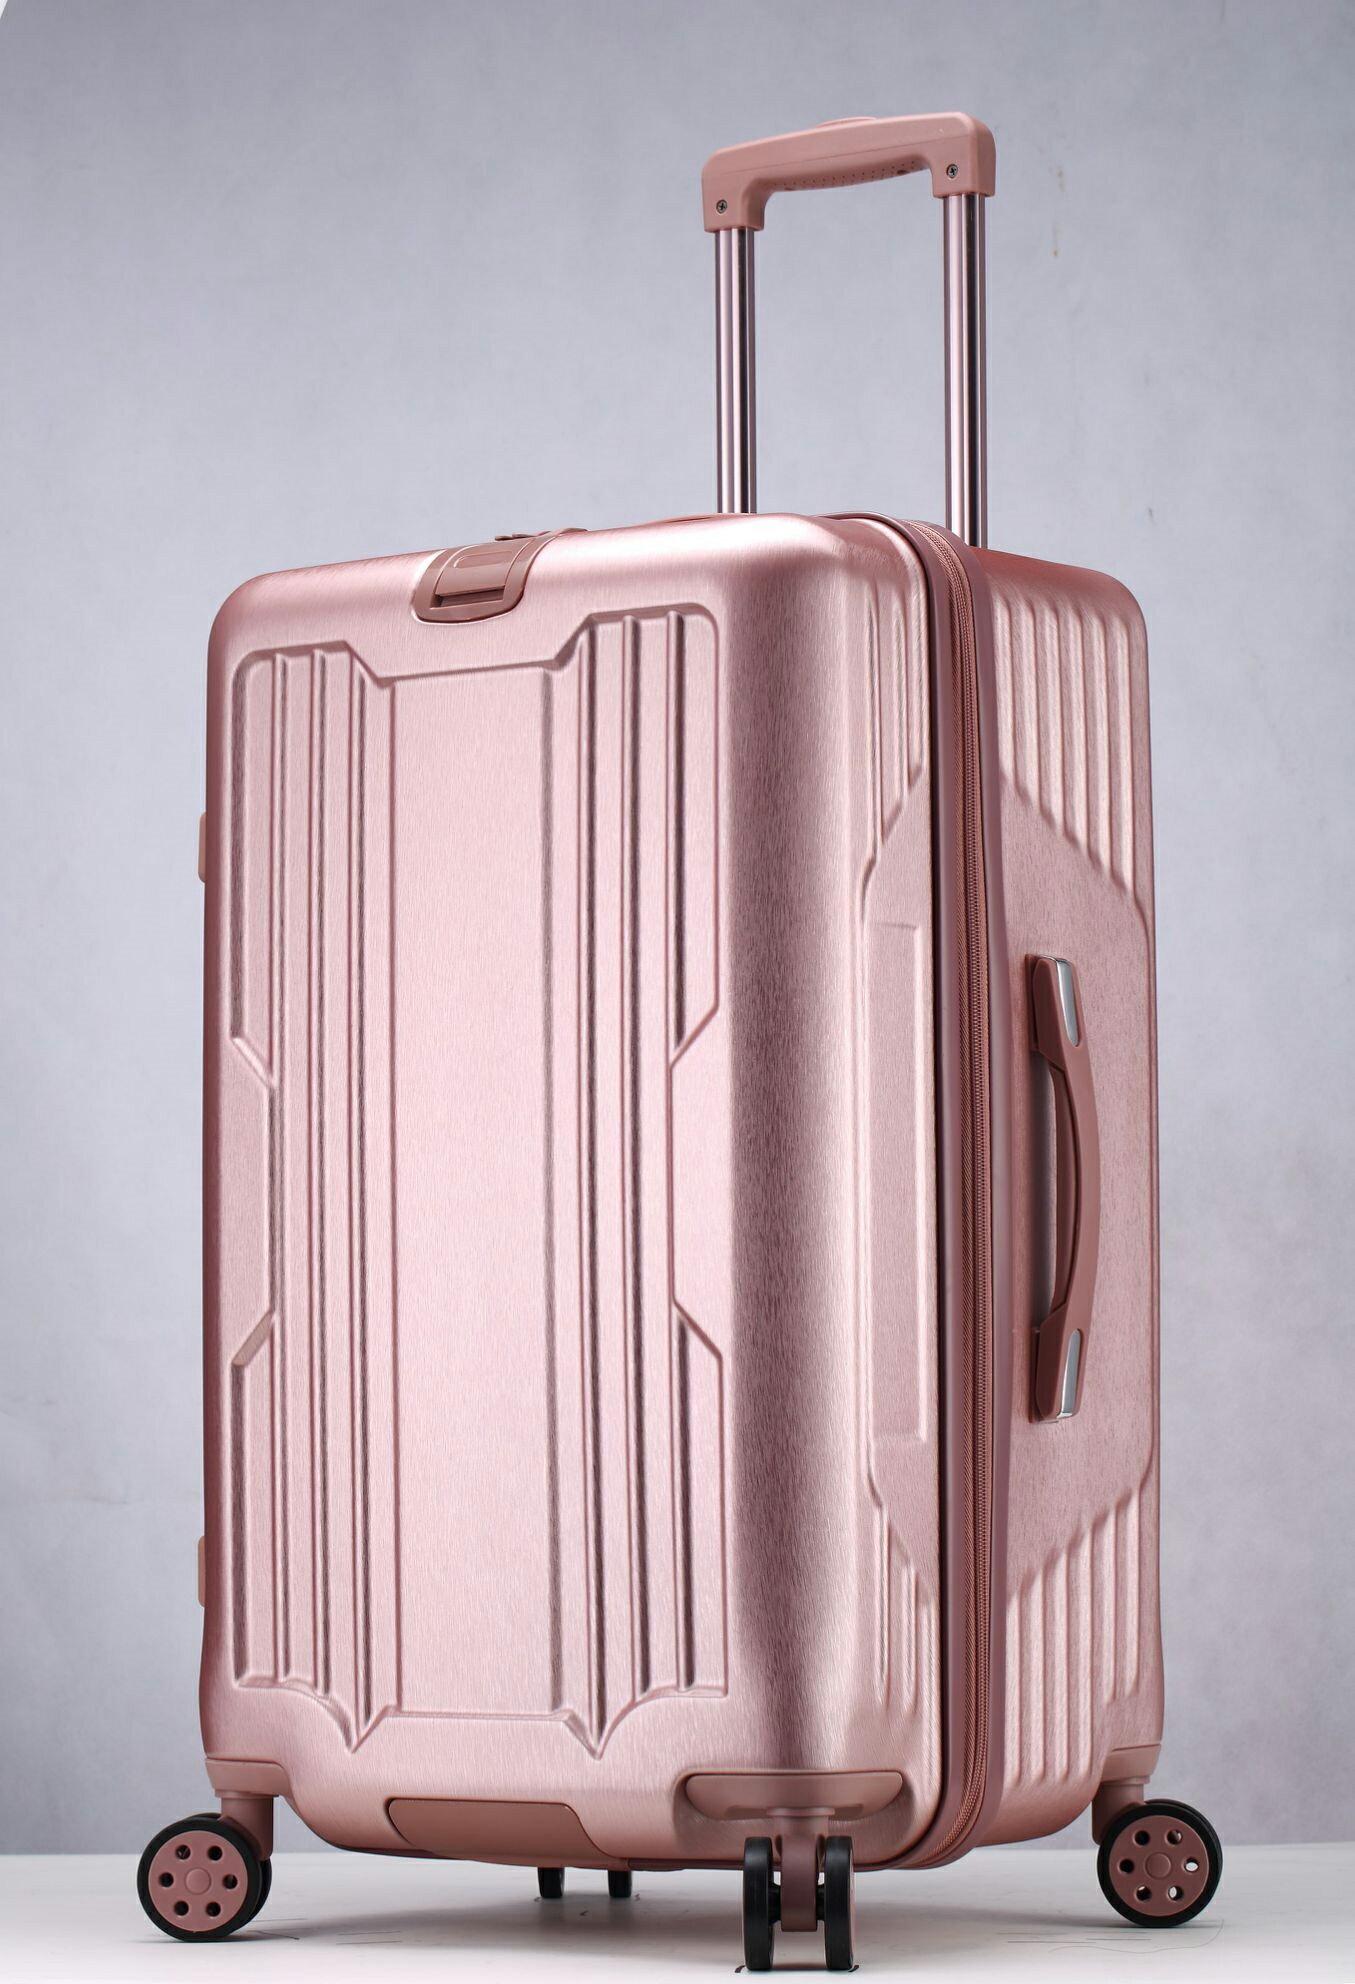 運動款 拉鍊 胖胖箱 旅行箱 20吋25吋29吋 行李箱 -鐵灰色 / 深紫色 / 玫瑰金-現貨當日出貨-免運台南可預約自取 2